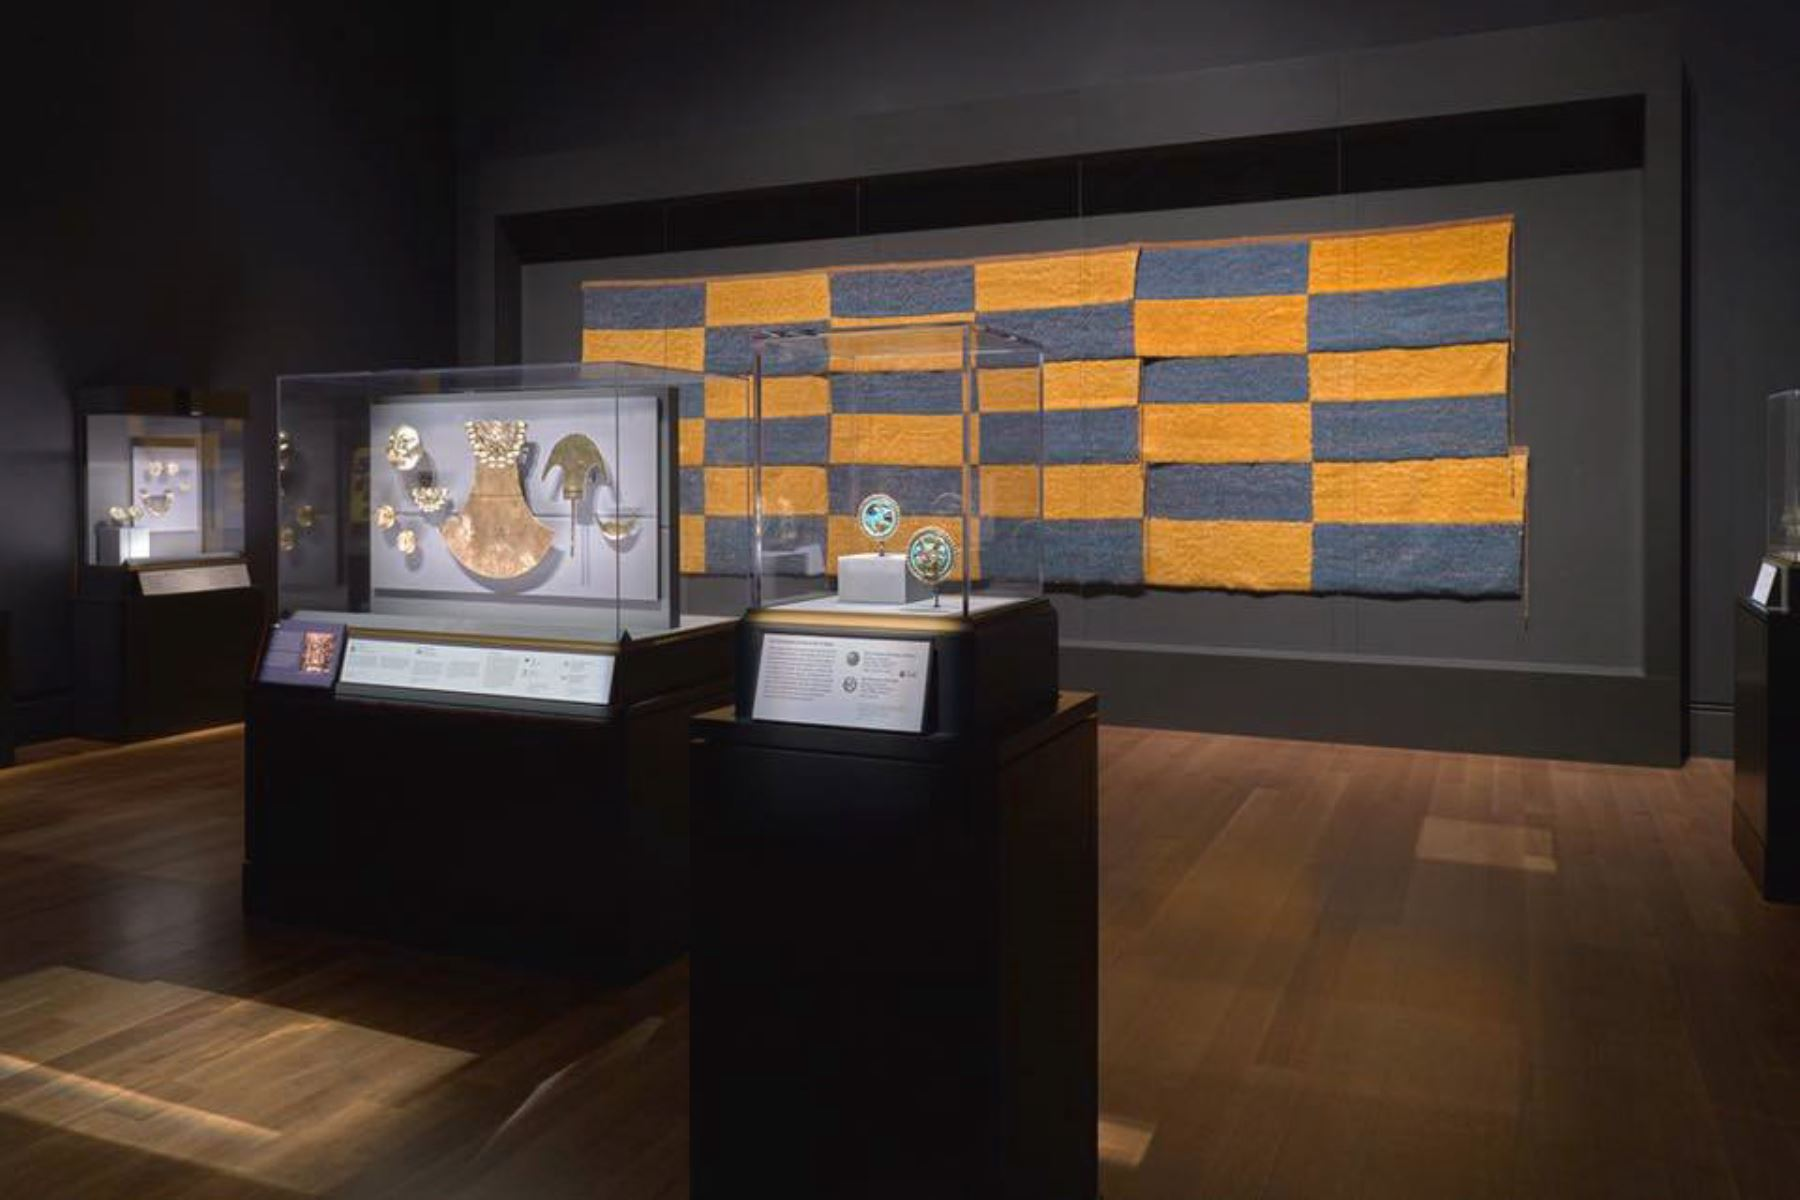 Más de 400,000 personas admiraron al Señor de Sipán en exposición realizada en Estados Unidos. ANDINA